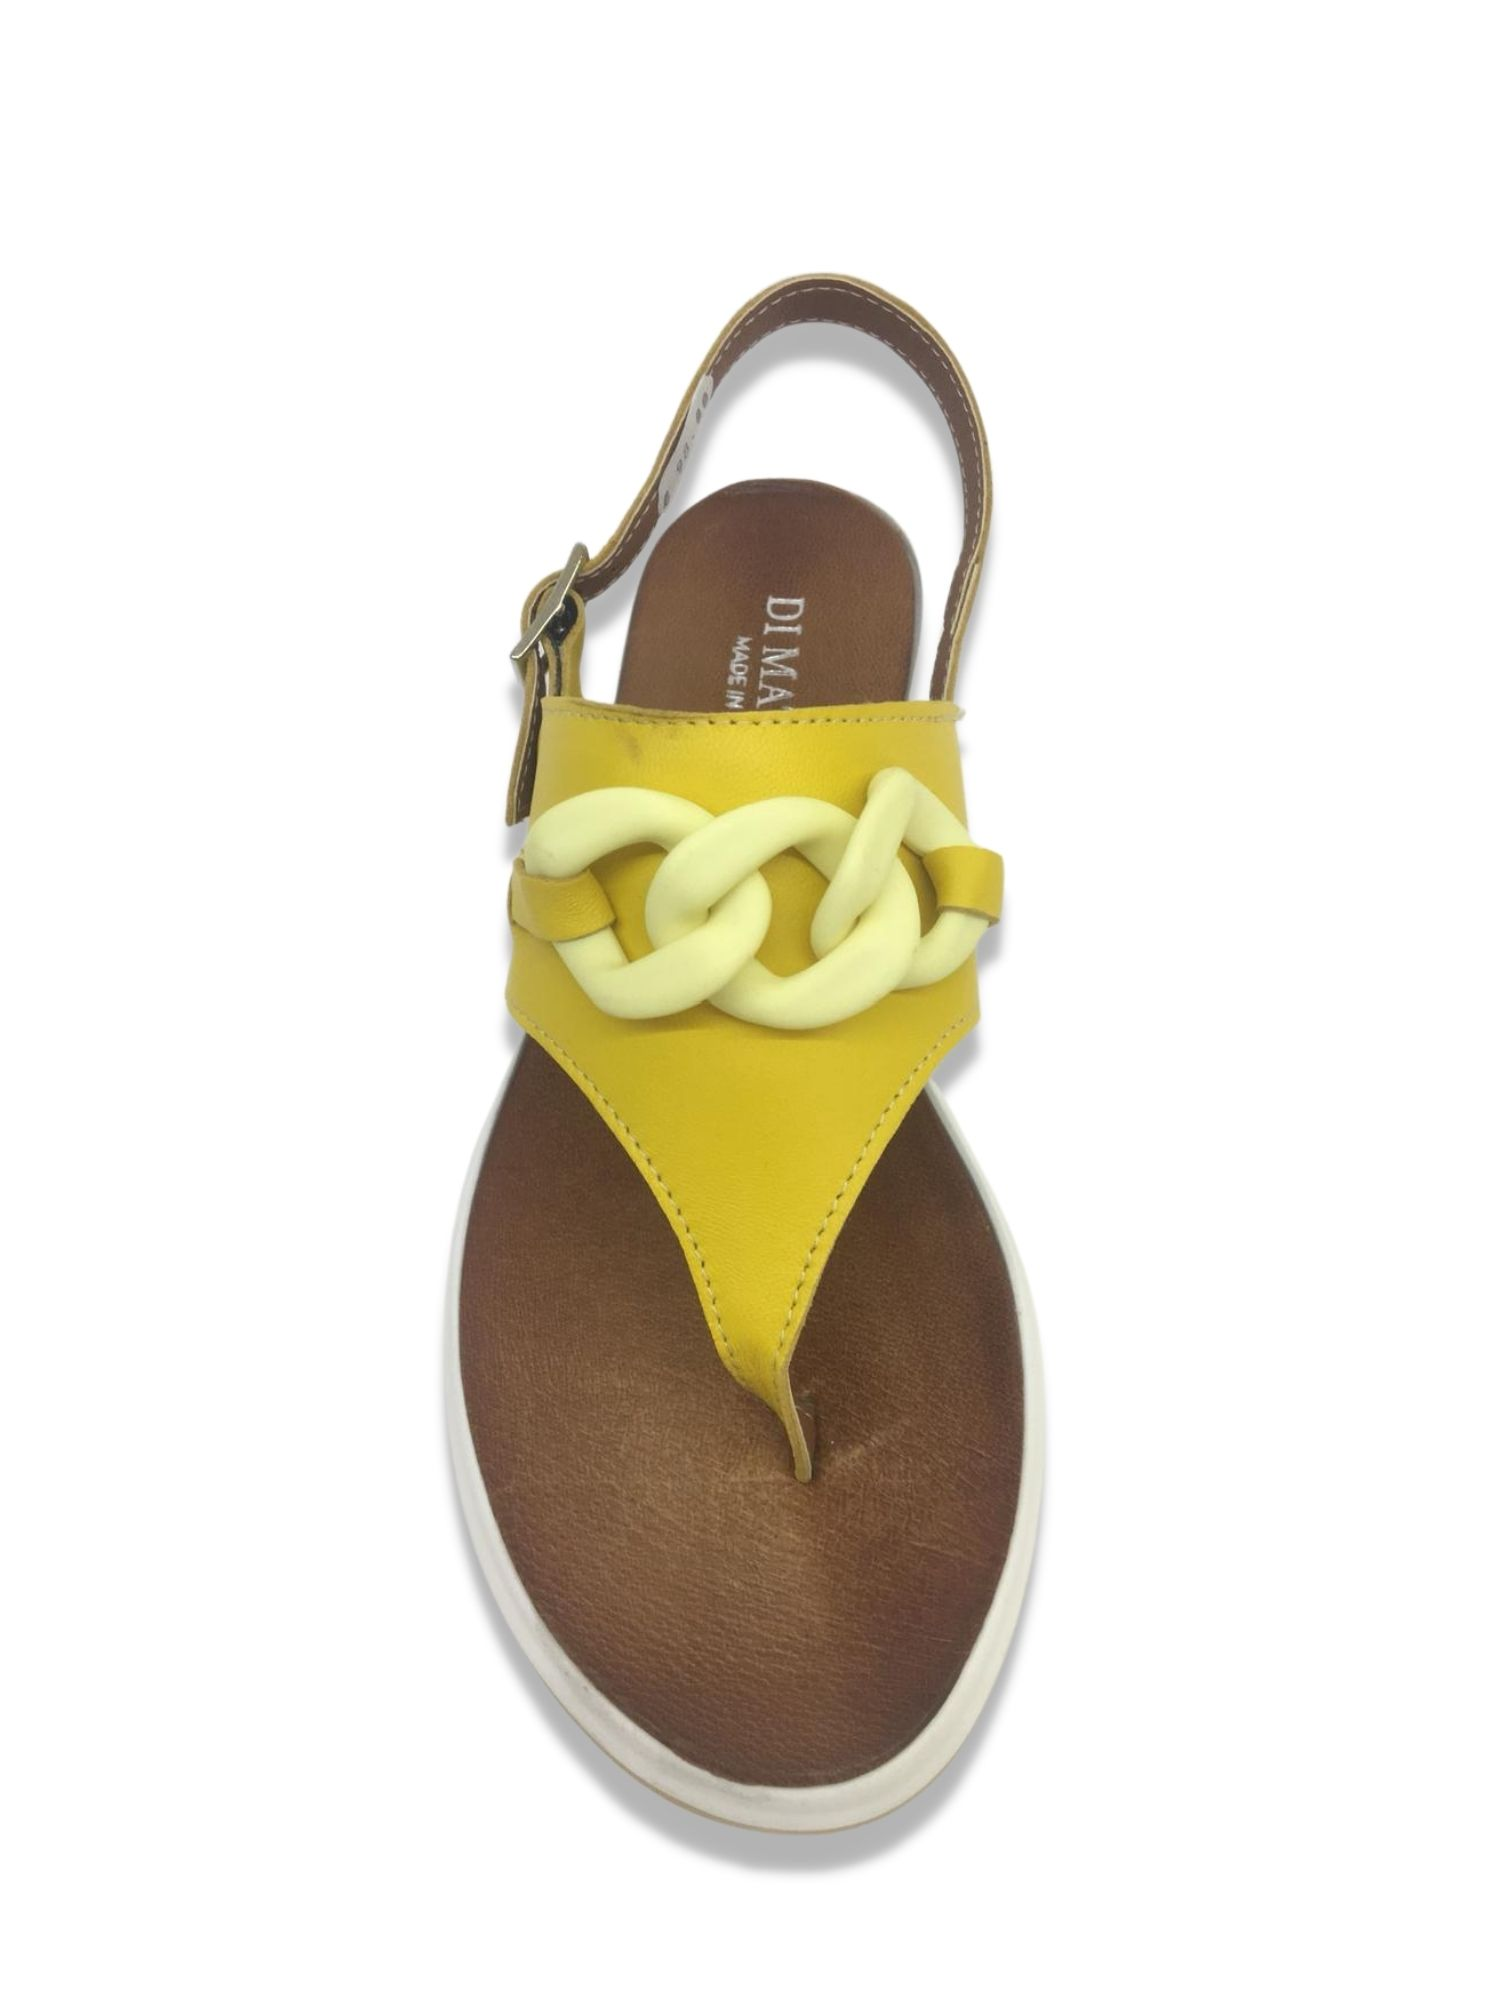 Sandalo Infradito Made in Italy 303 Giallo alto